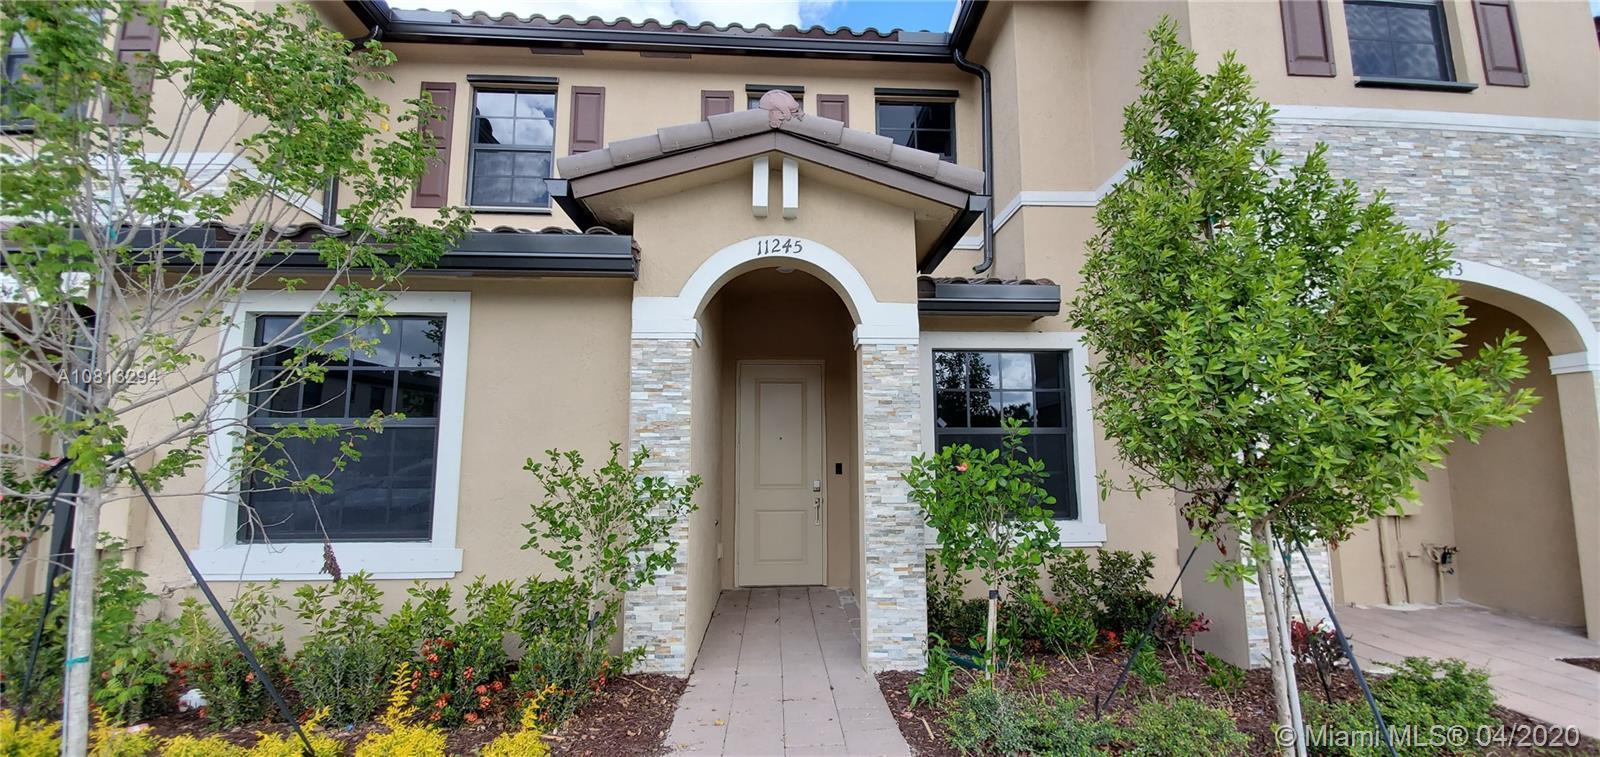 11245 SW 249th St, Miami, FL 33032 - Miami, FL real estate listing